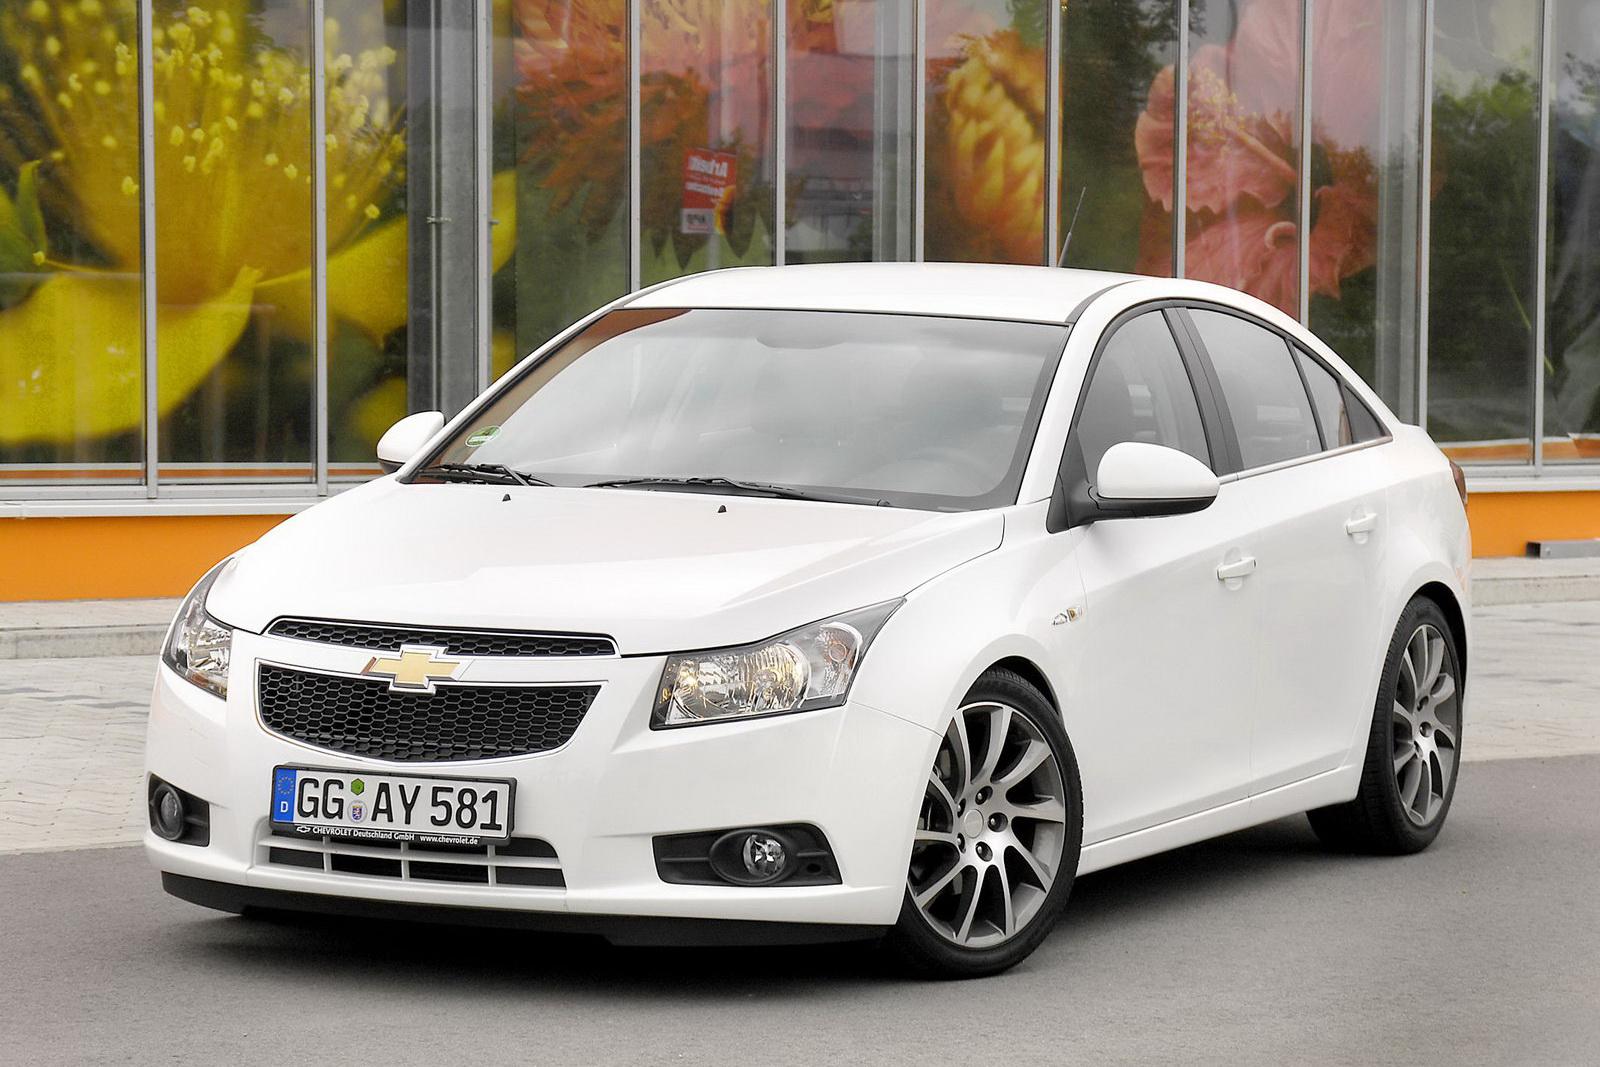 Chevrolet llama a revisión al Cruze de Norteamérica